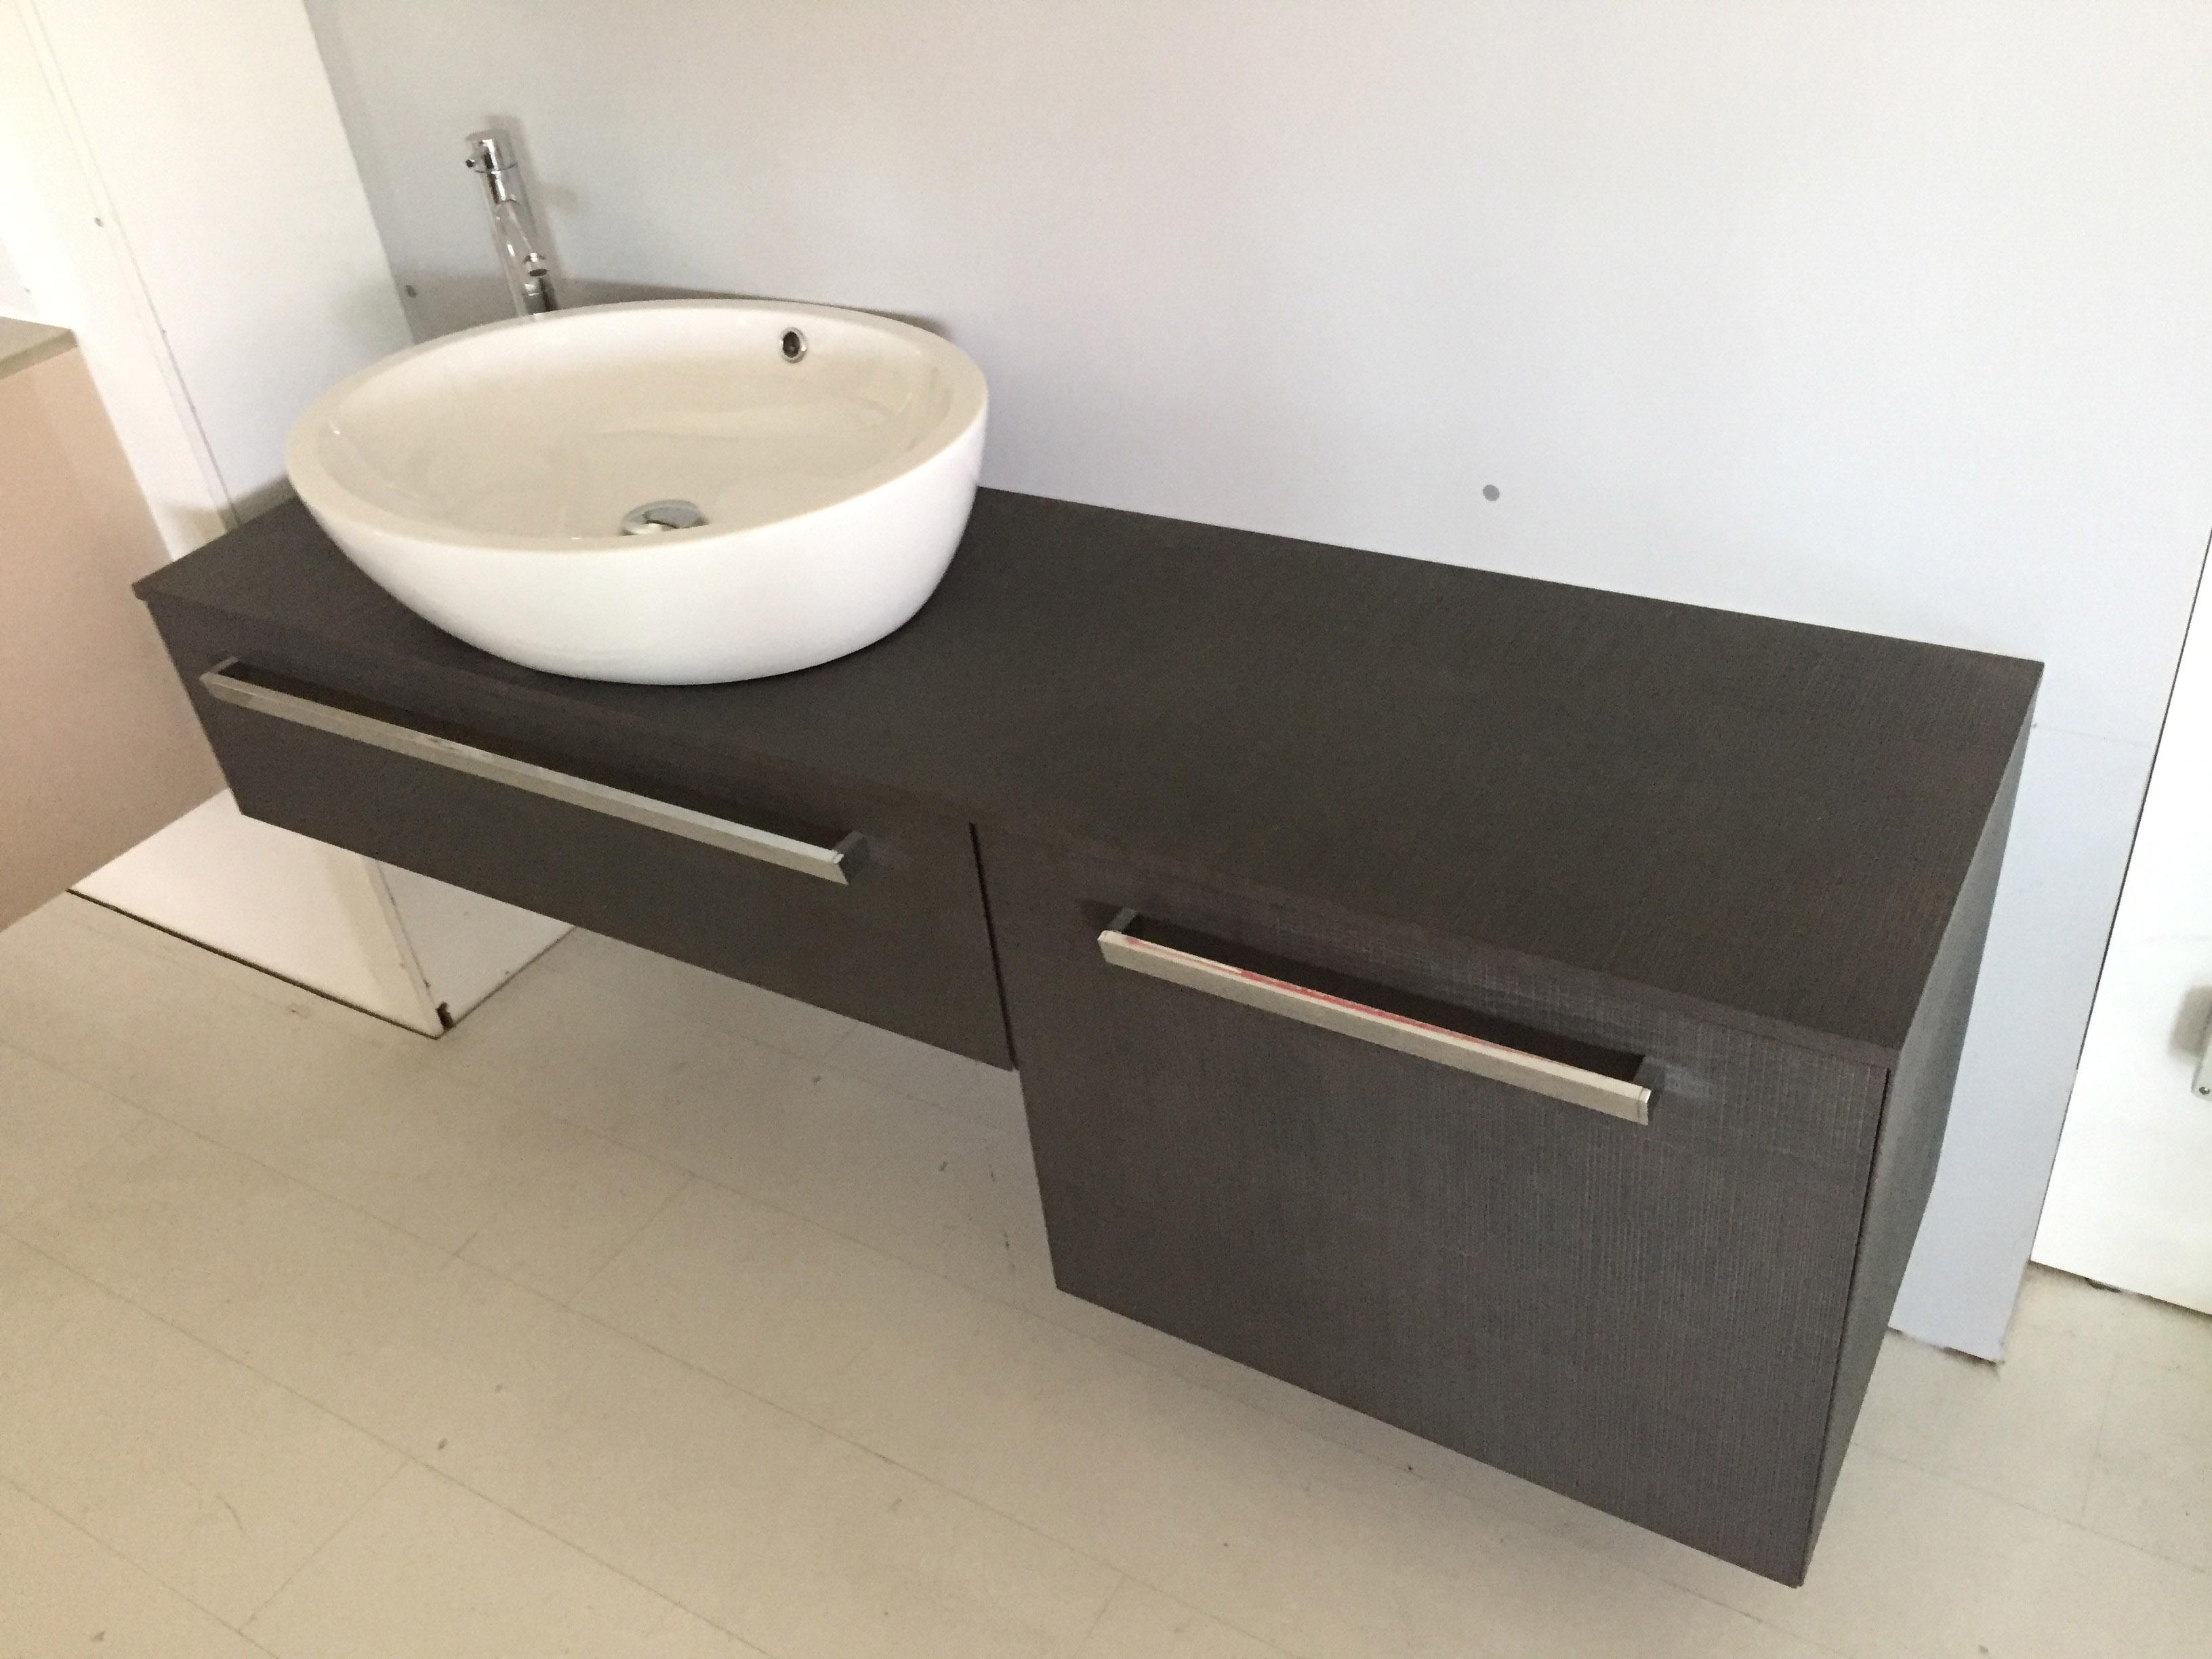 Mobili bagno scontato del 45 altamarea arredo bagno a - Altamarea mobili bagno ...